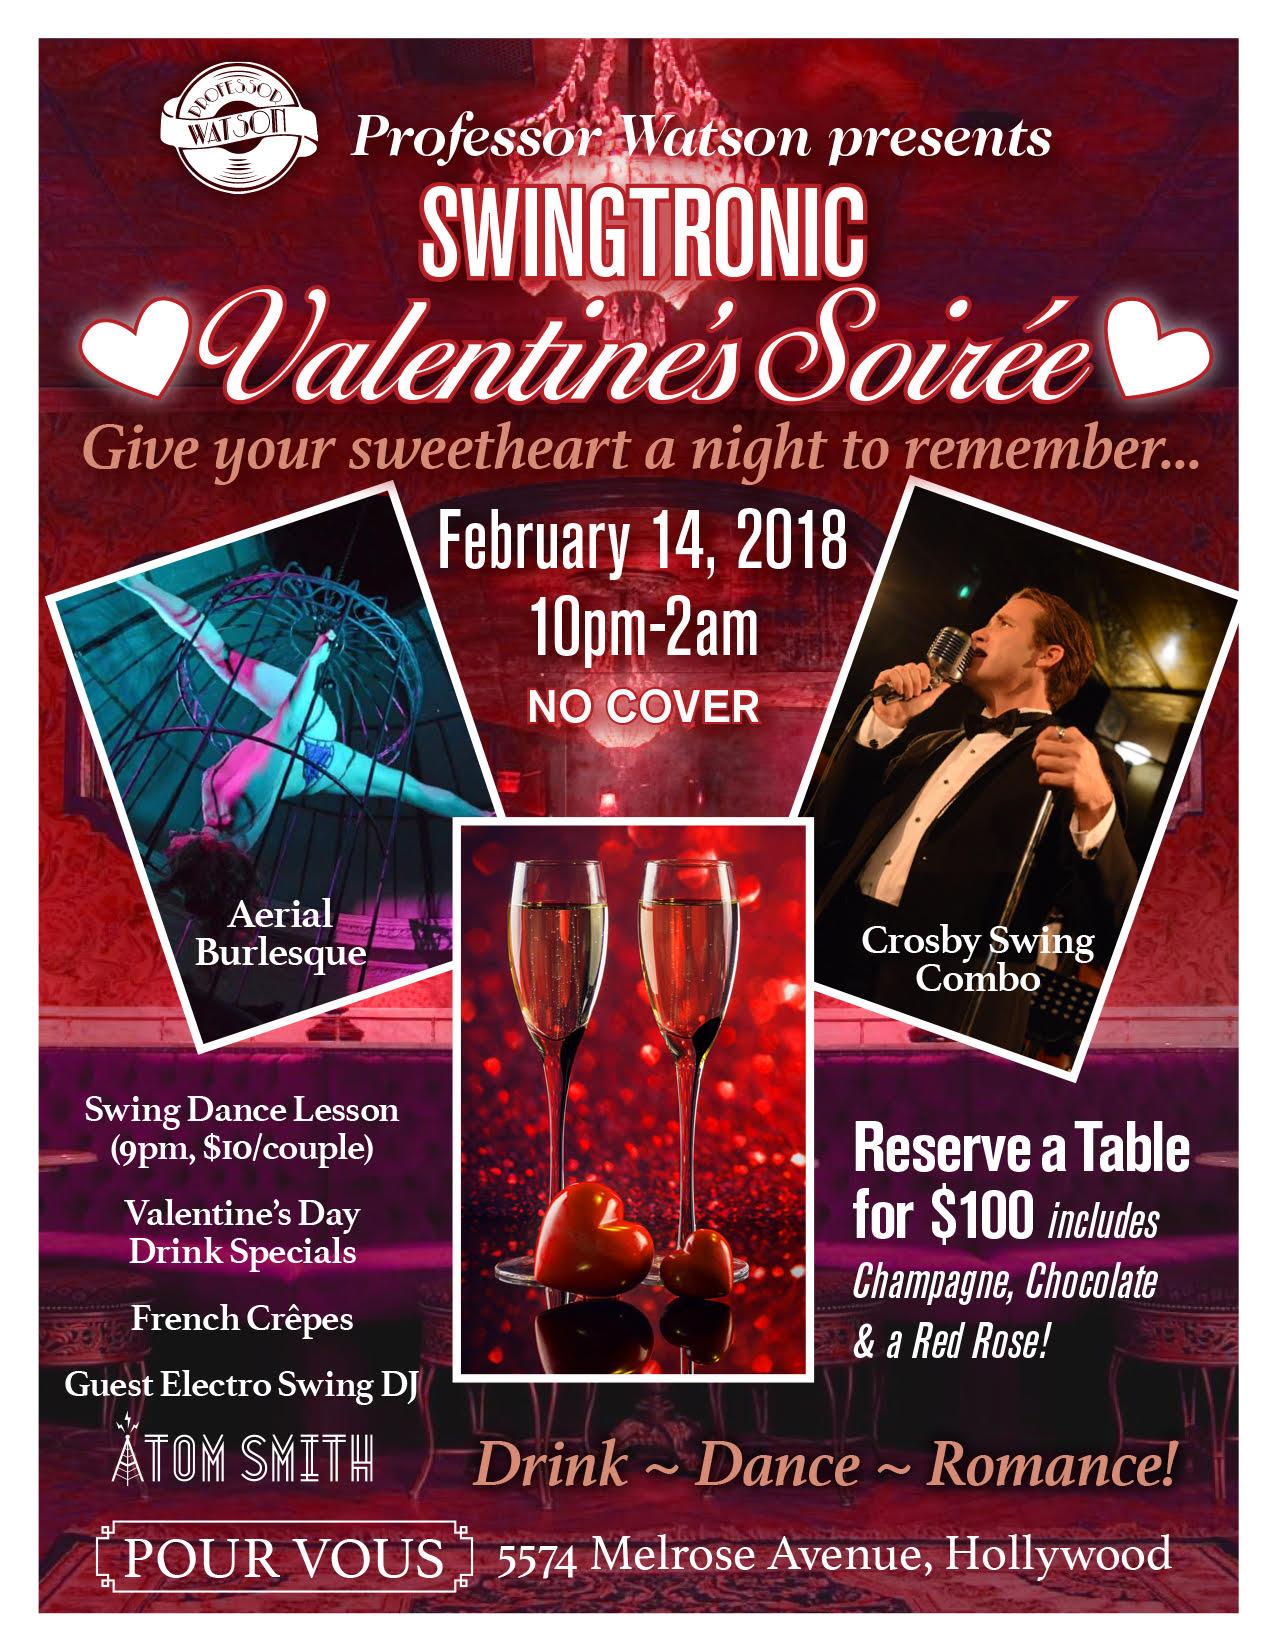 Valentines Soiree Flyer